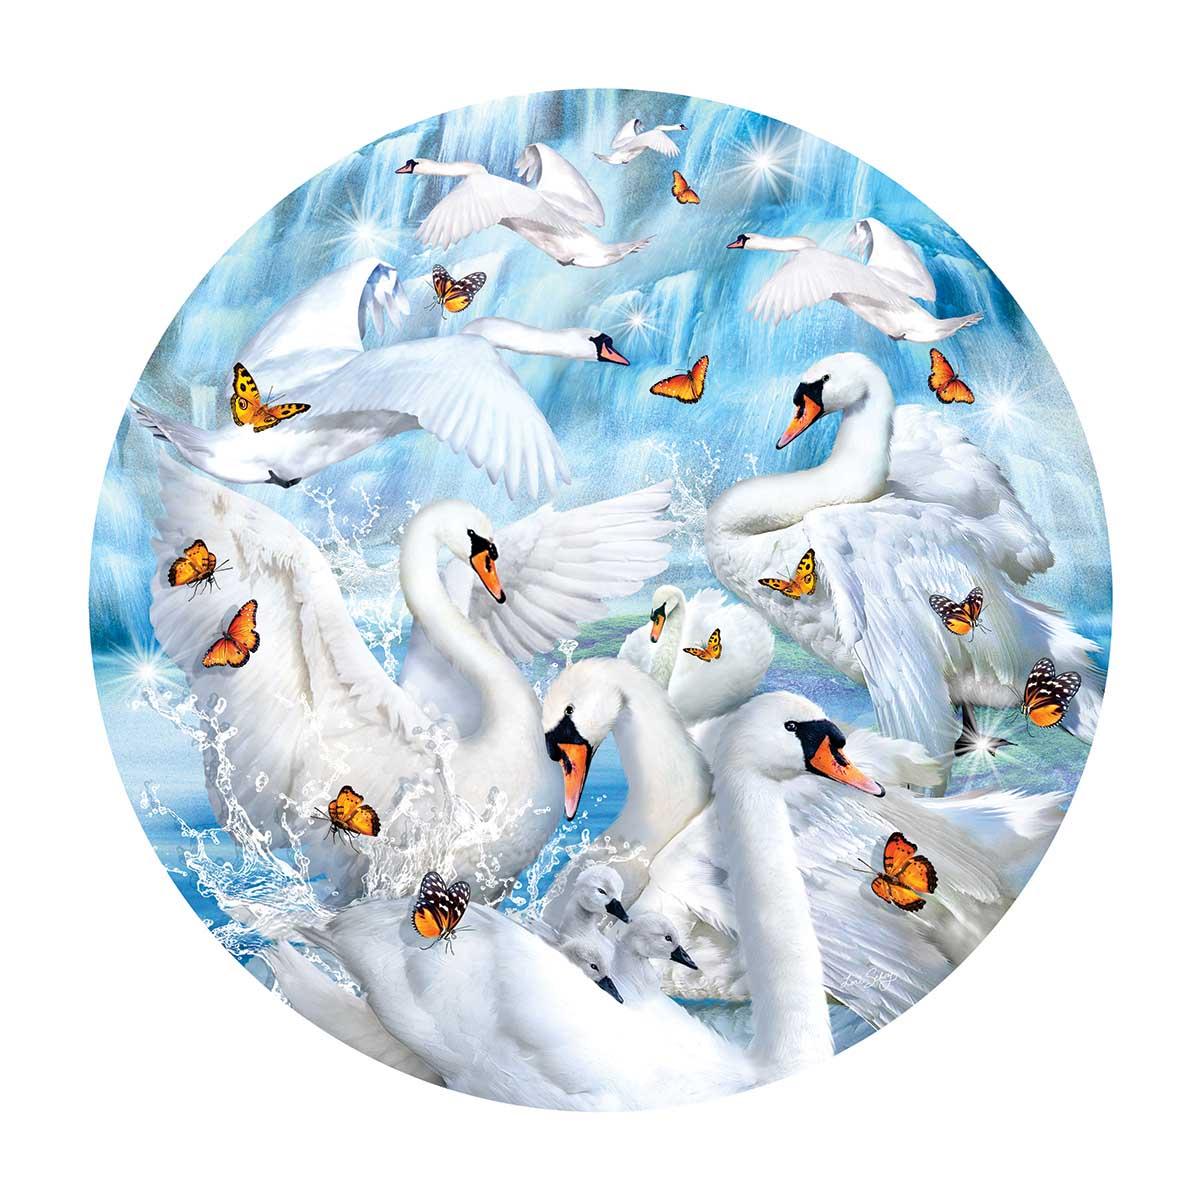 Swan Waterfall Birds Round Jigsaw Puzzle